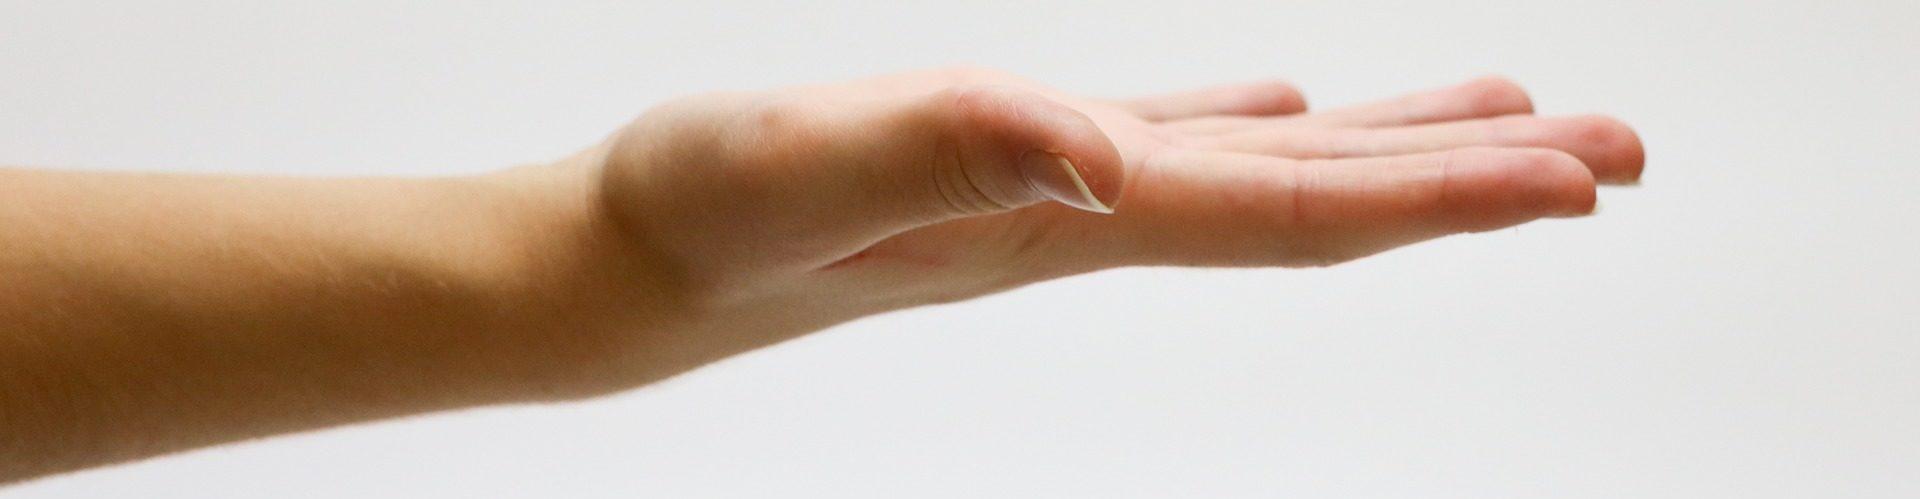 Latte e uova possono far male alle articolazioni?